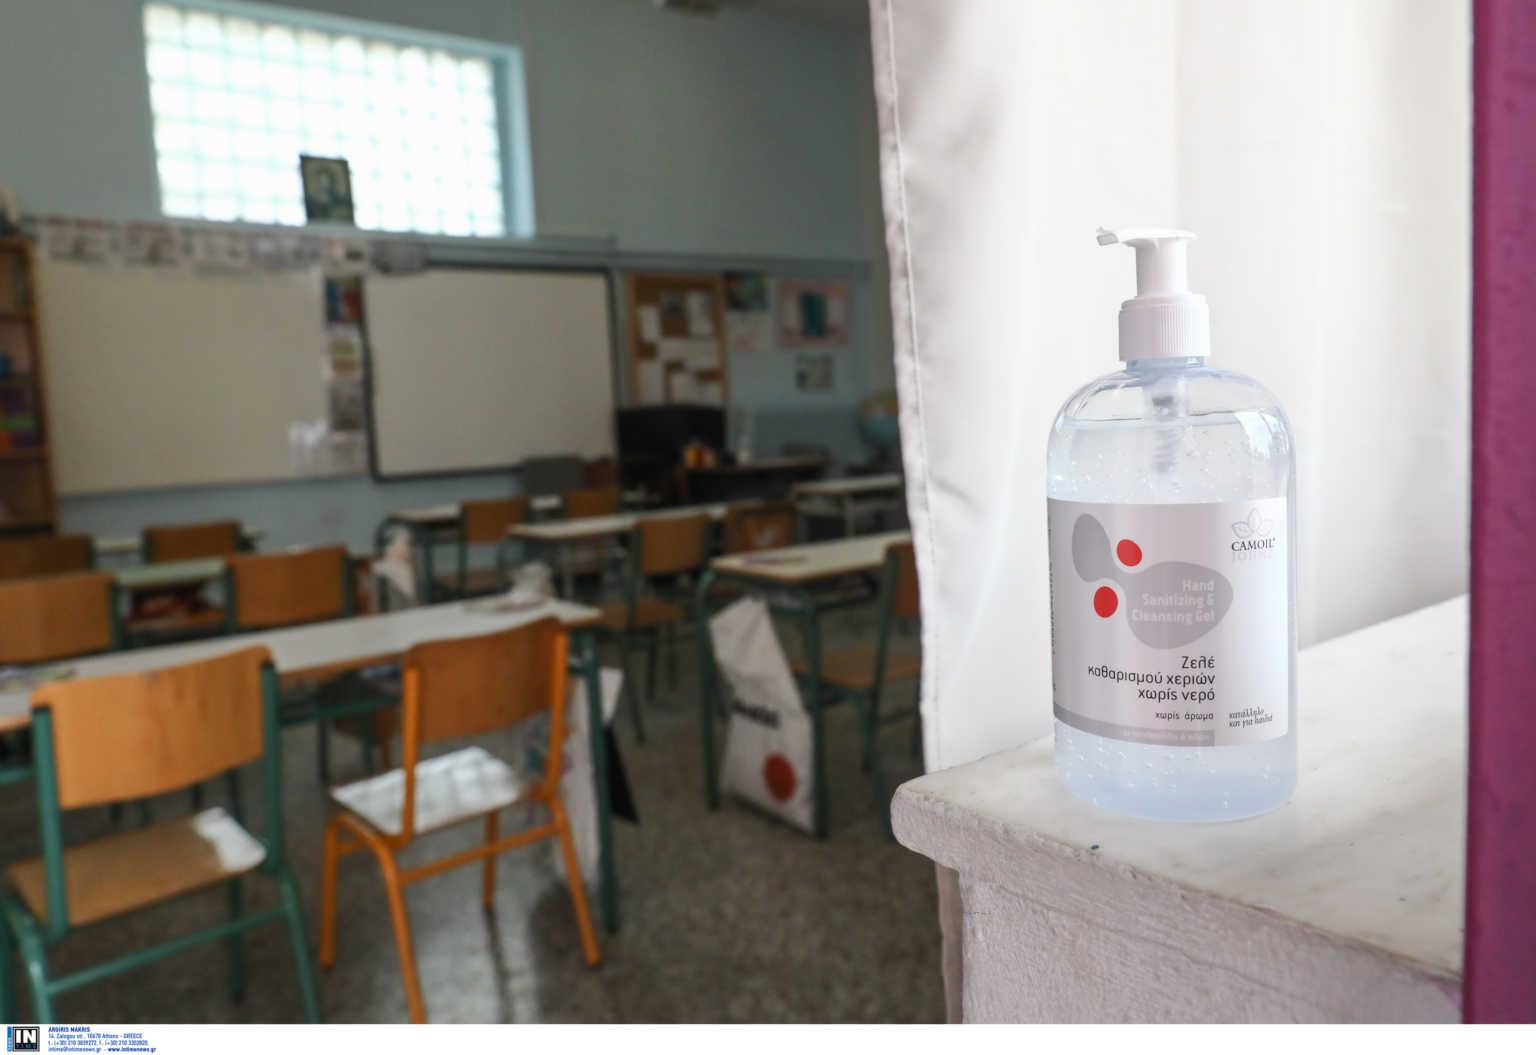 Ποια σχολεία δεν ανοίγουν αύριο λόγω κορονοϊού – Αναλυτικά οι περιοχές